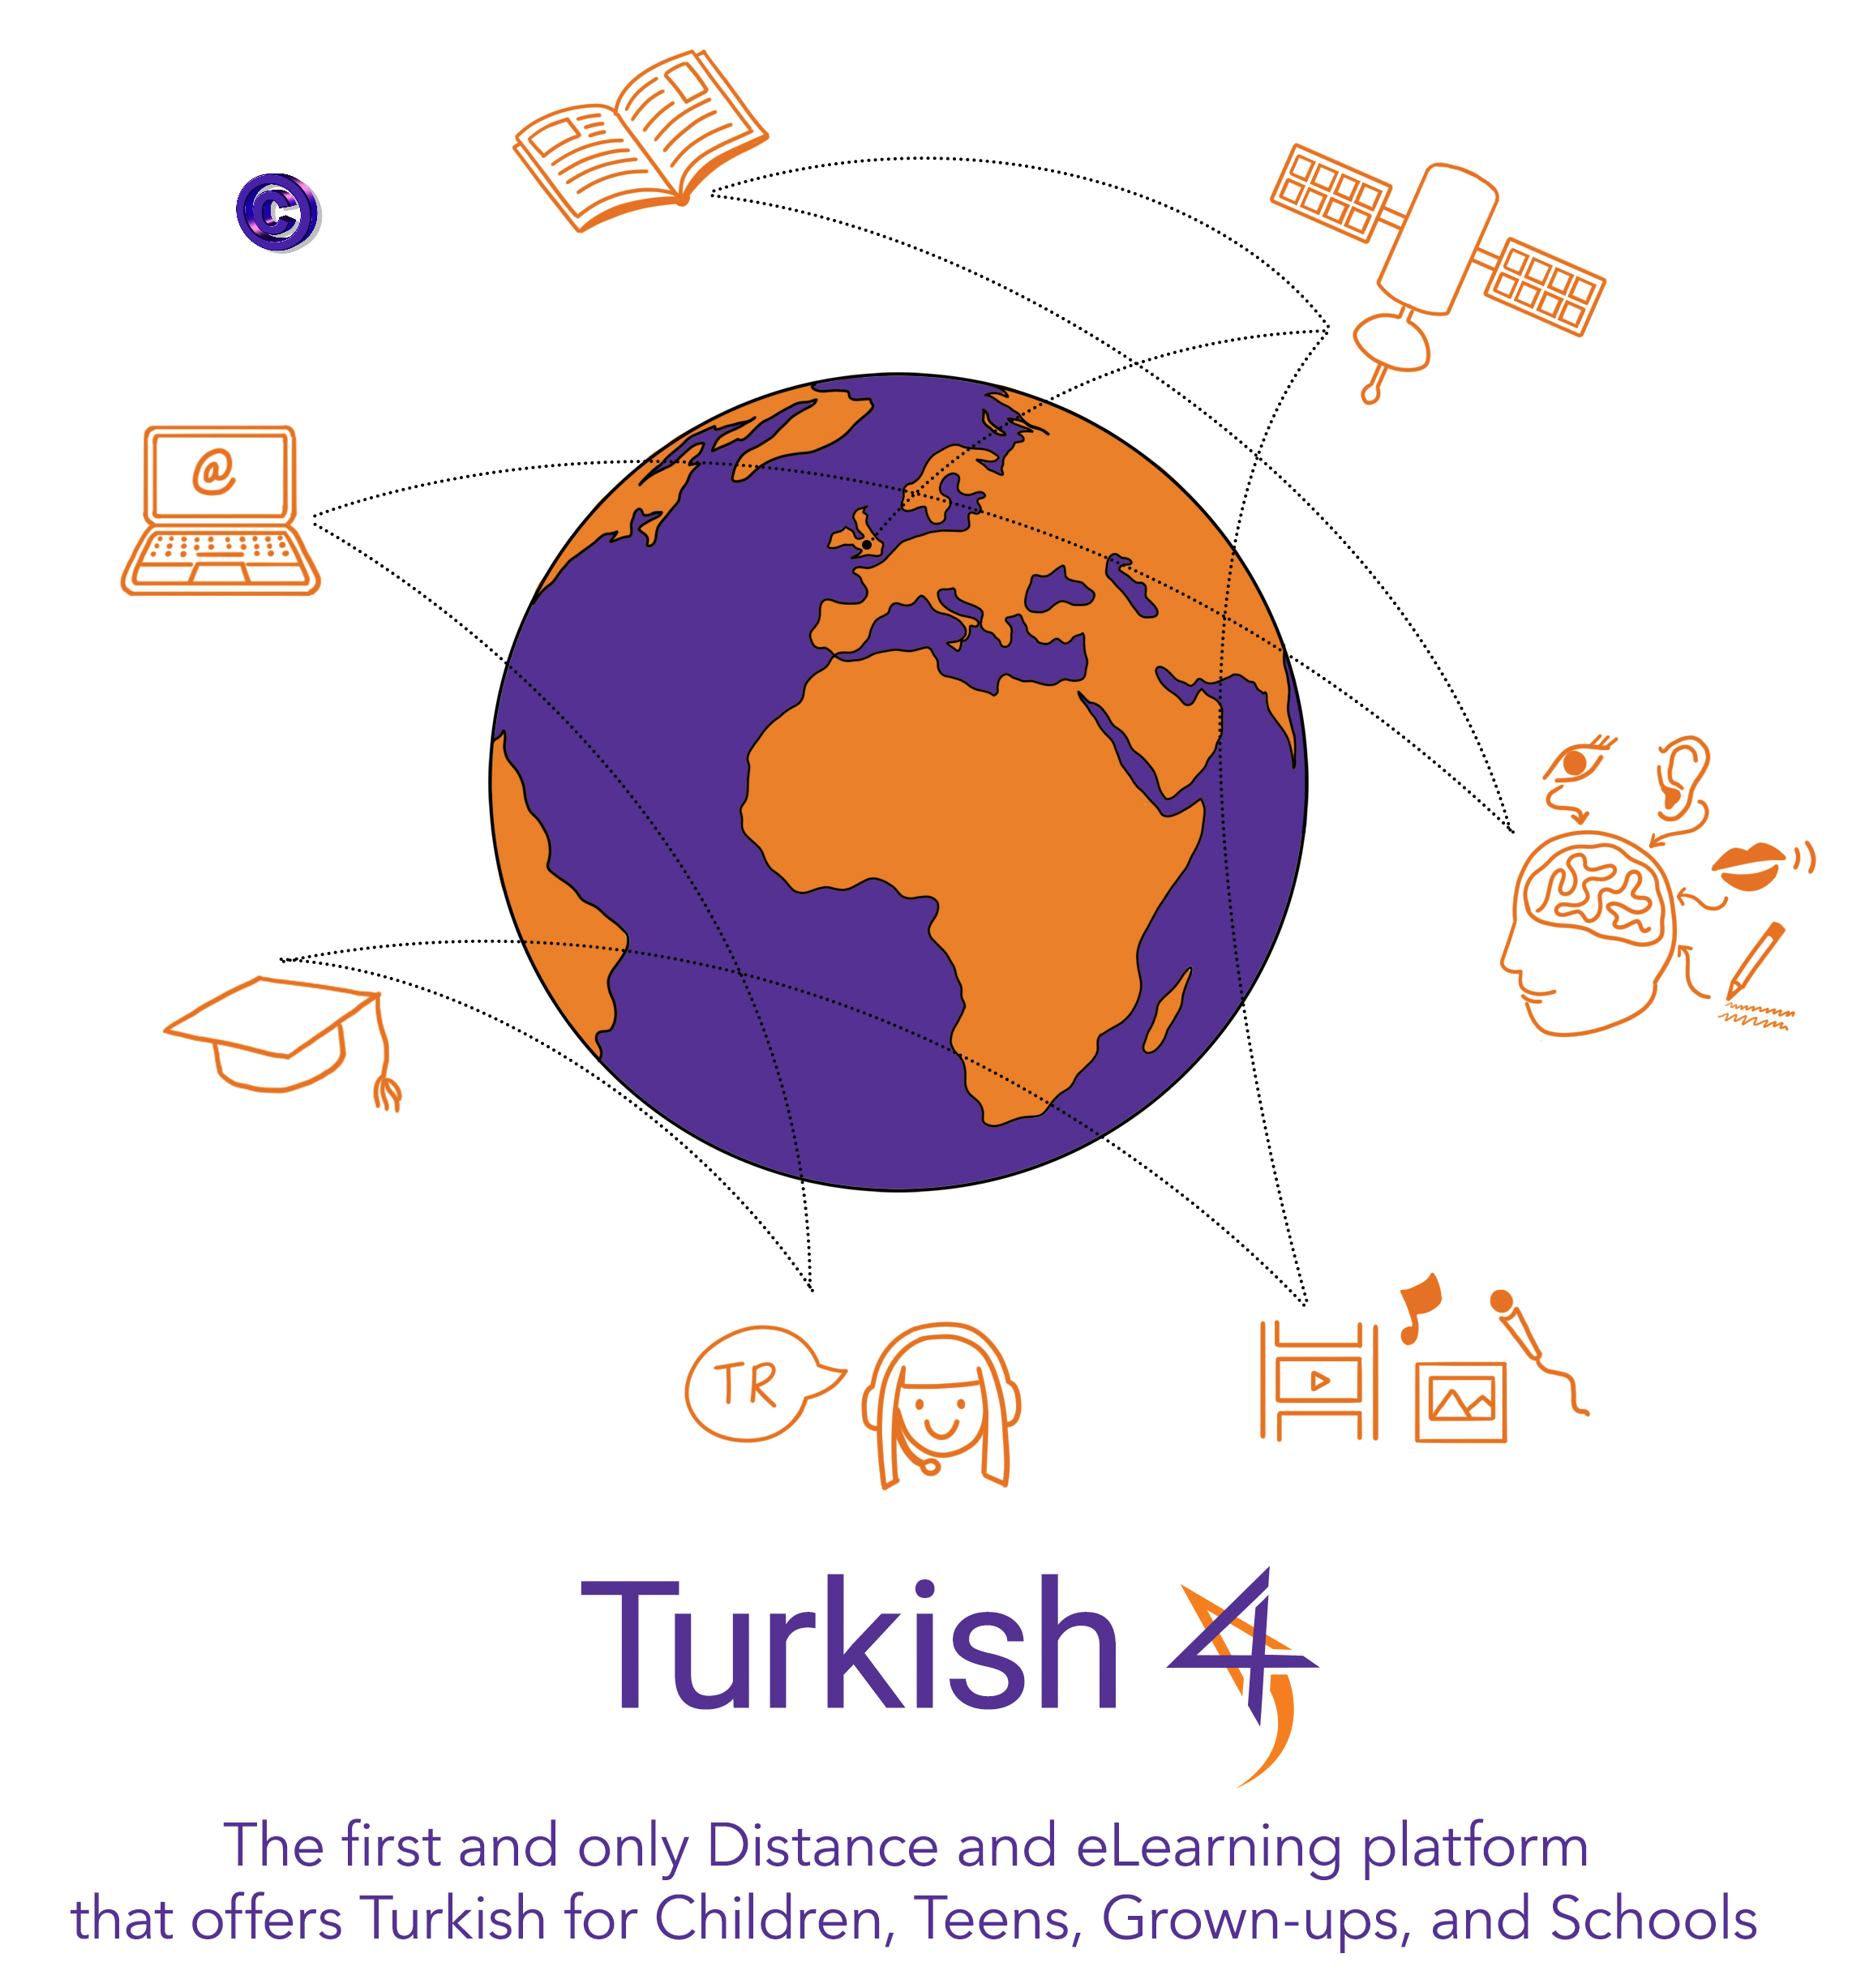 uzaktan eğitim, turkish4